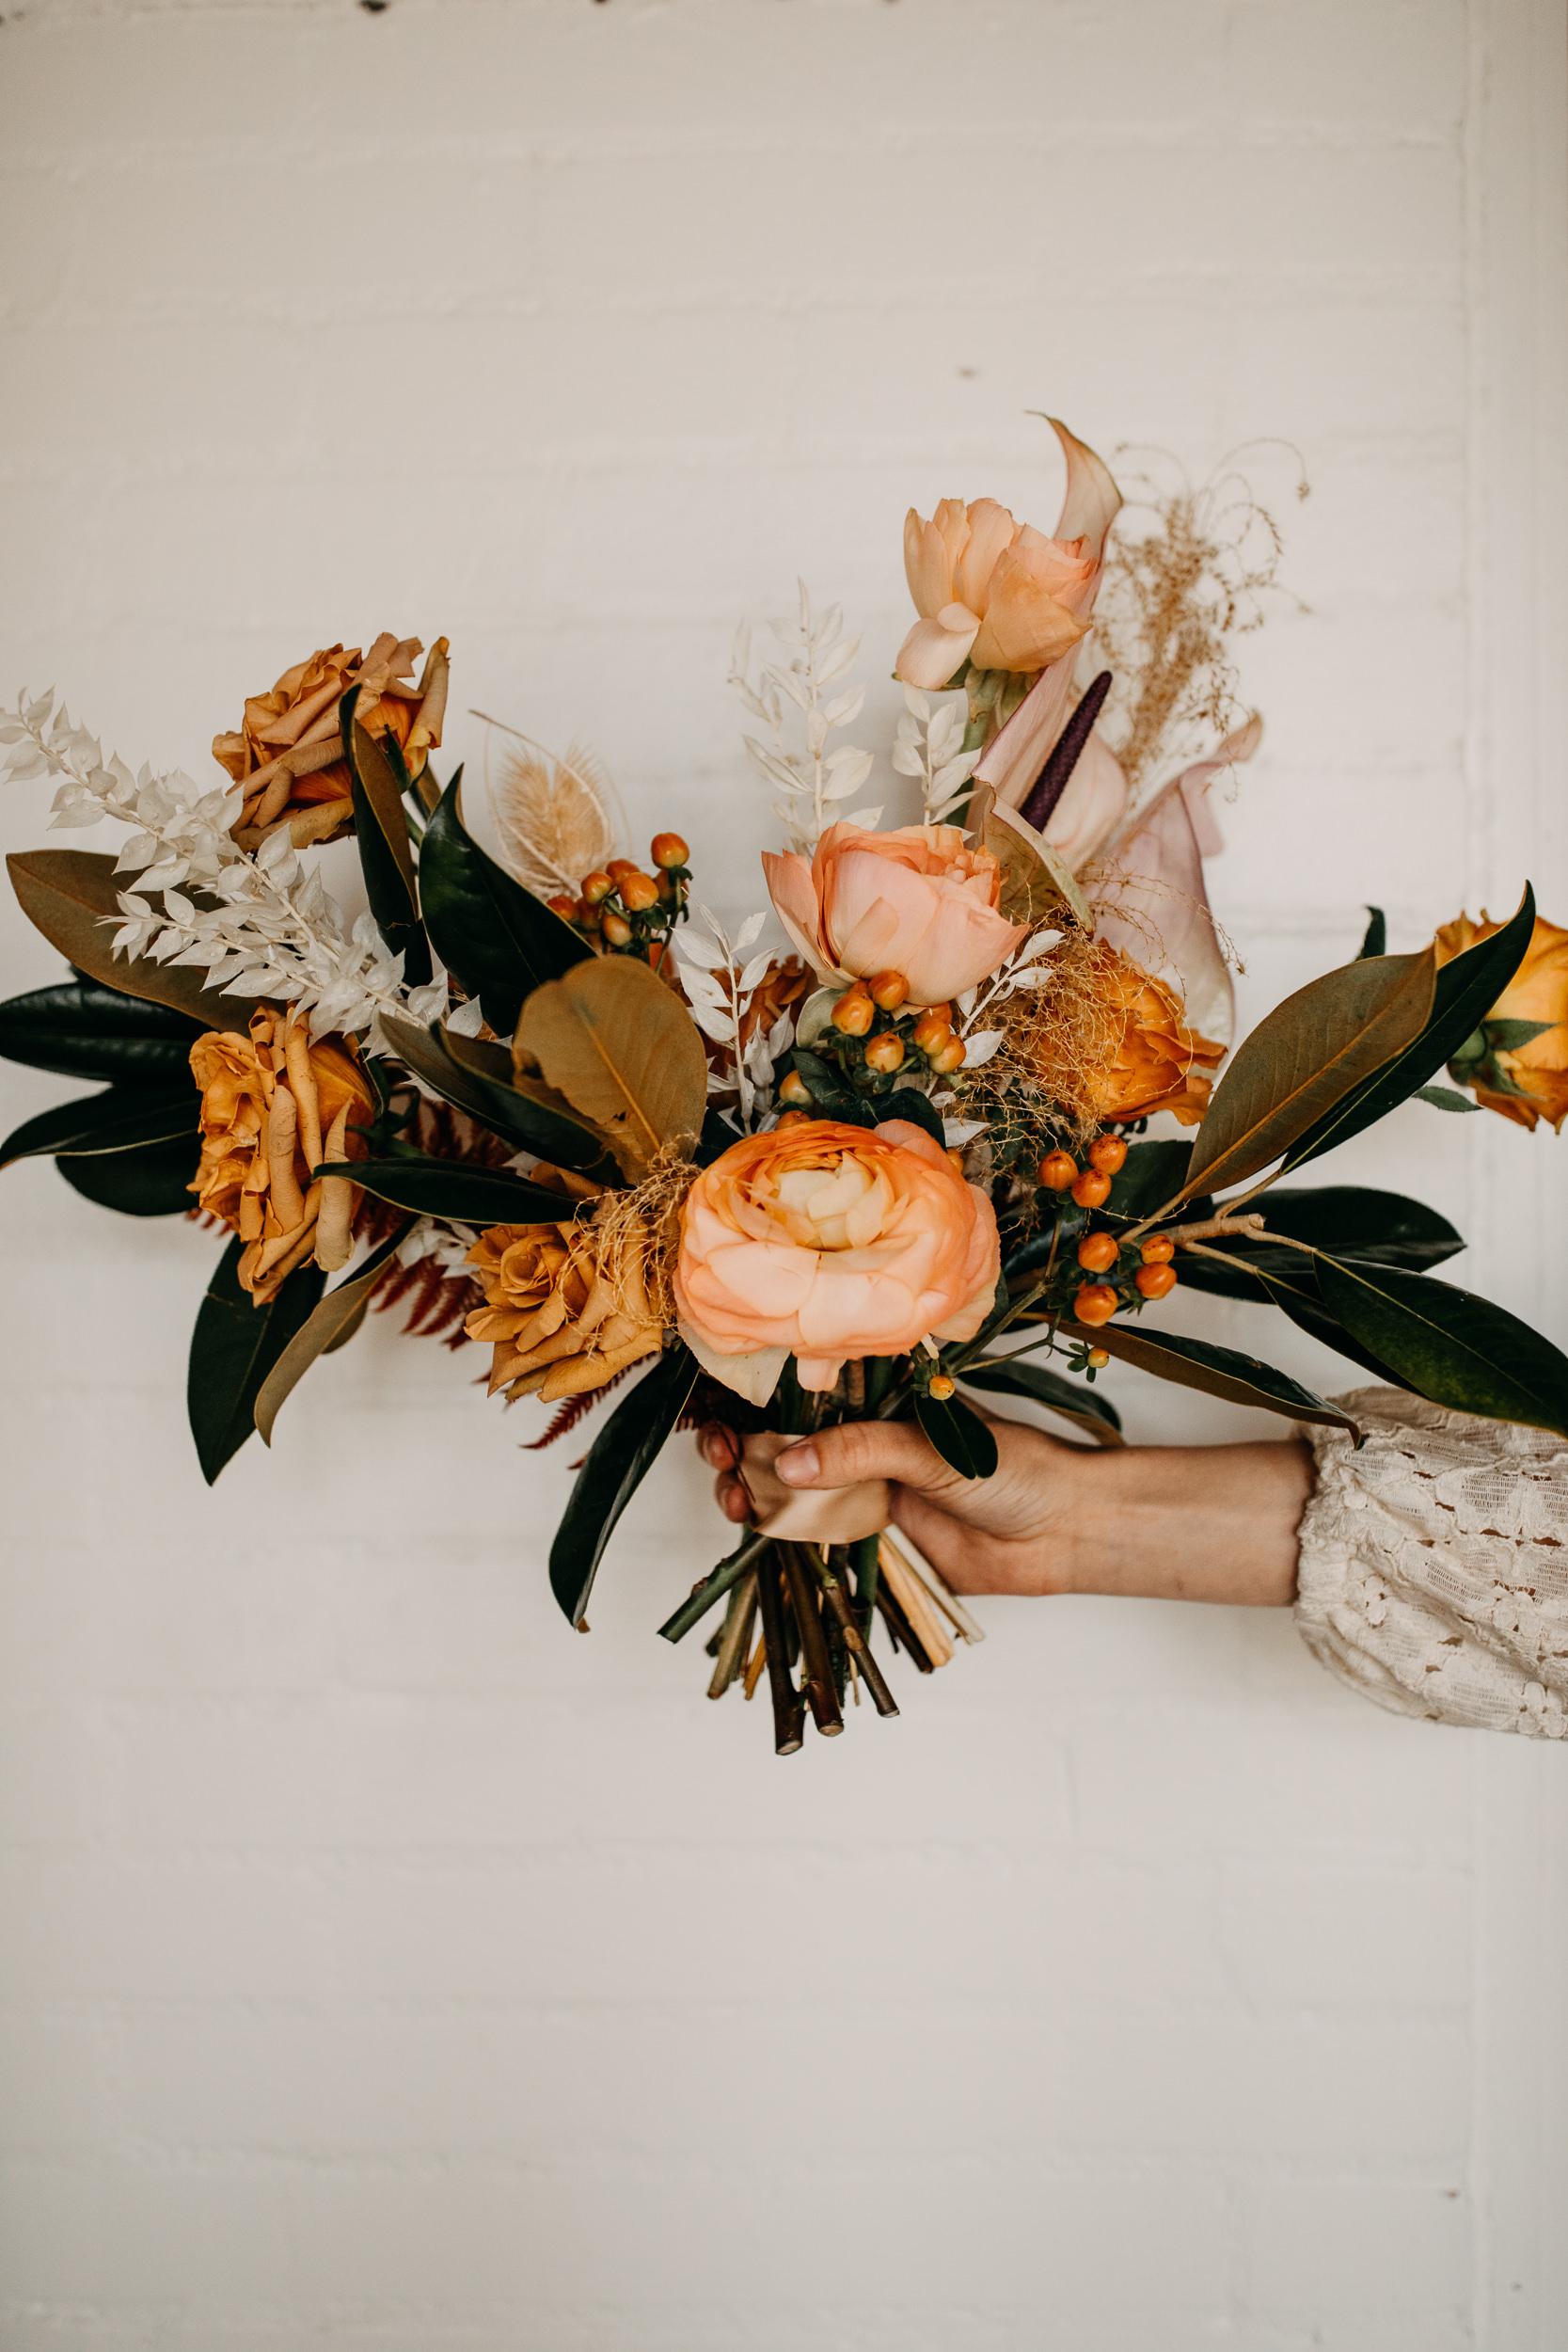 bouquet details. stunning bouquet. wedding bouquet. elopement bouquet. earthy floral arrangement. neutral airy wedding. intimate wedding bouquet. asymmetrical arrangements.